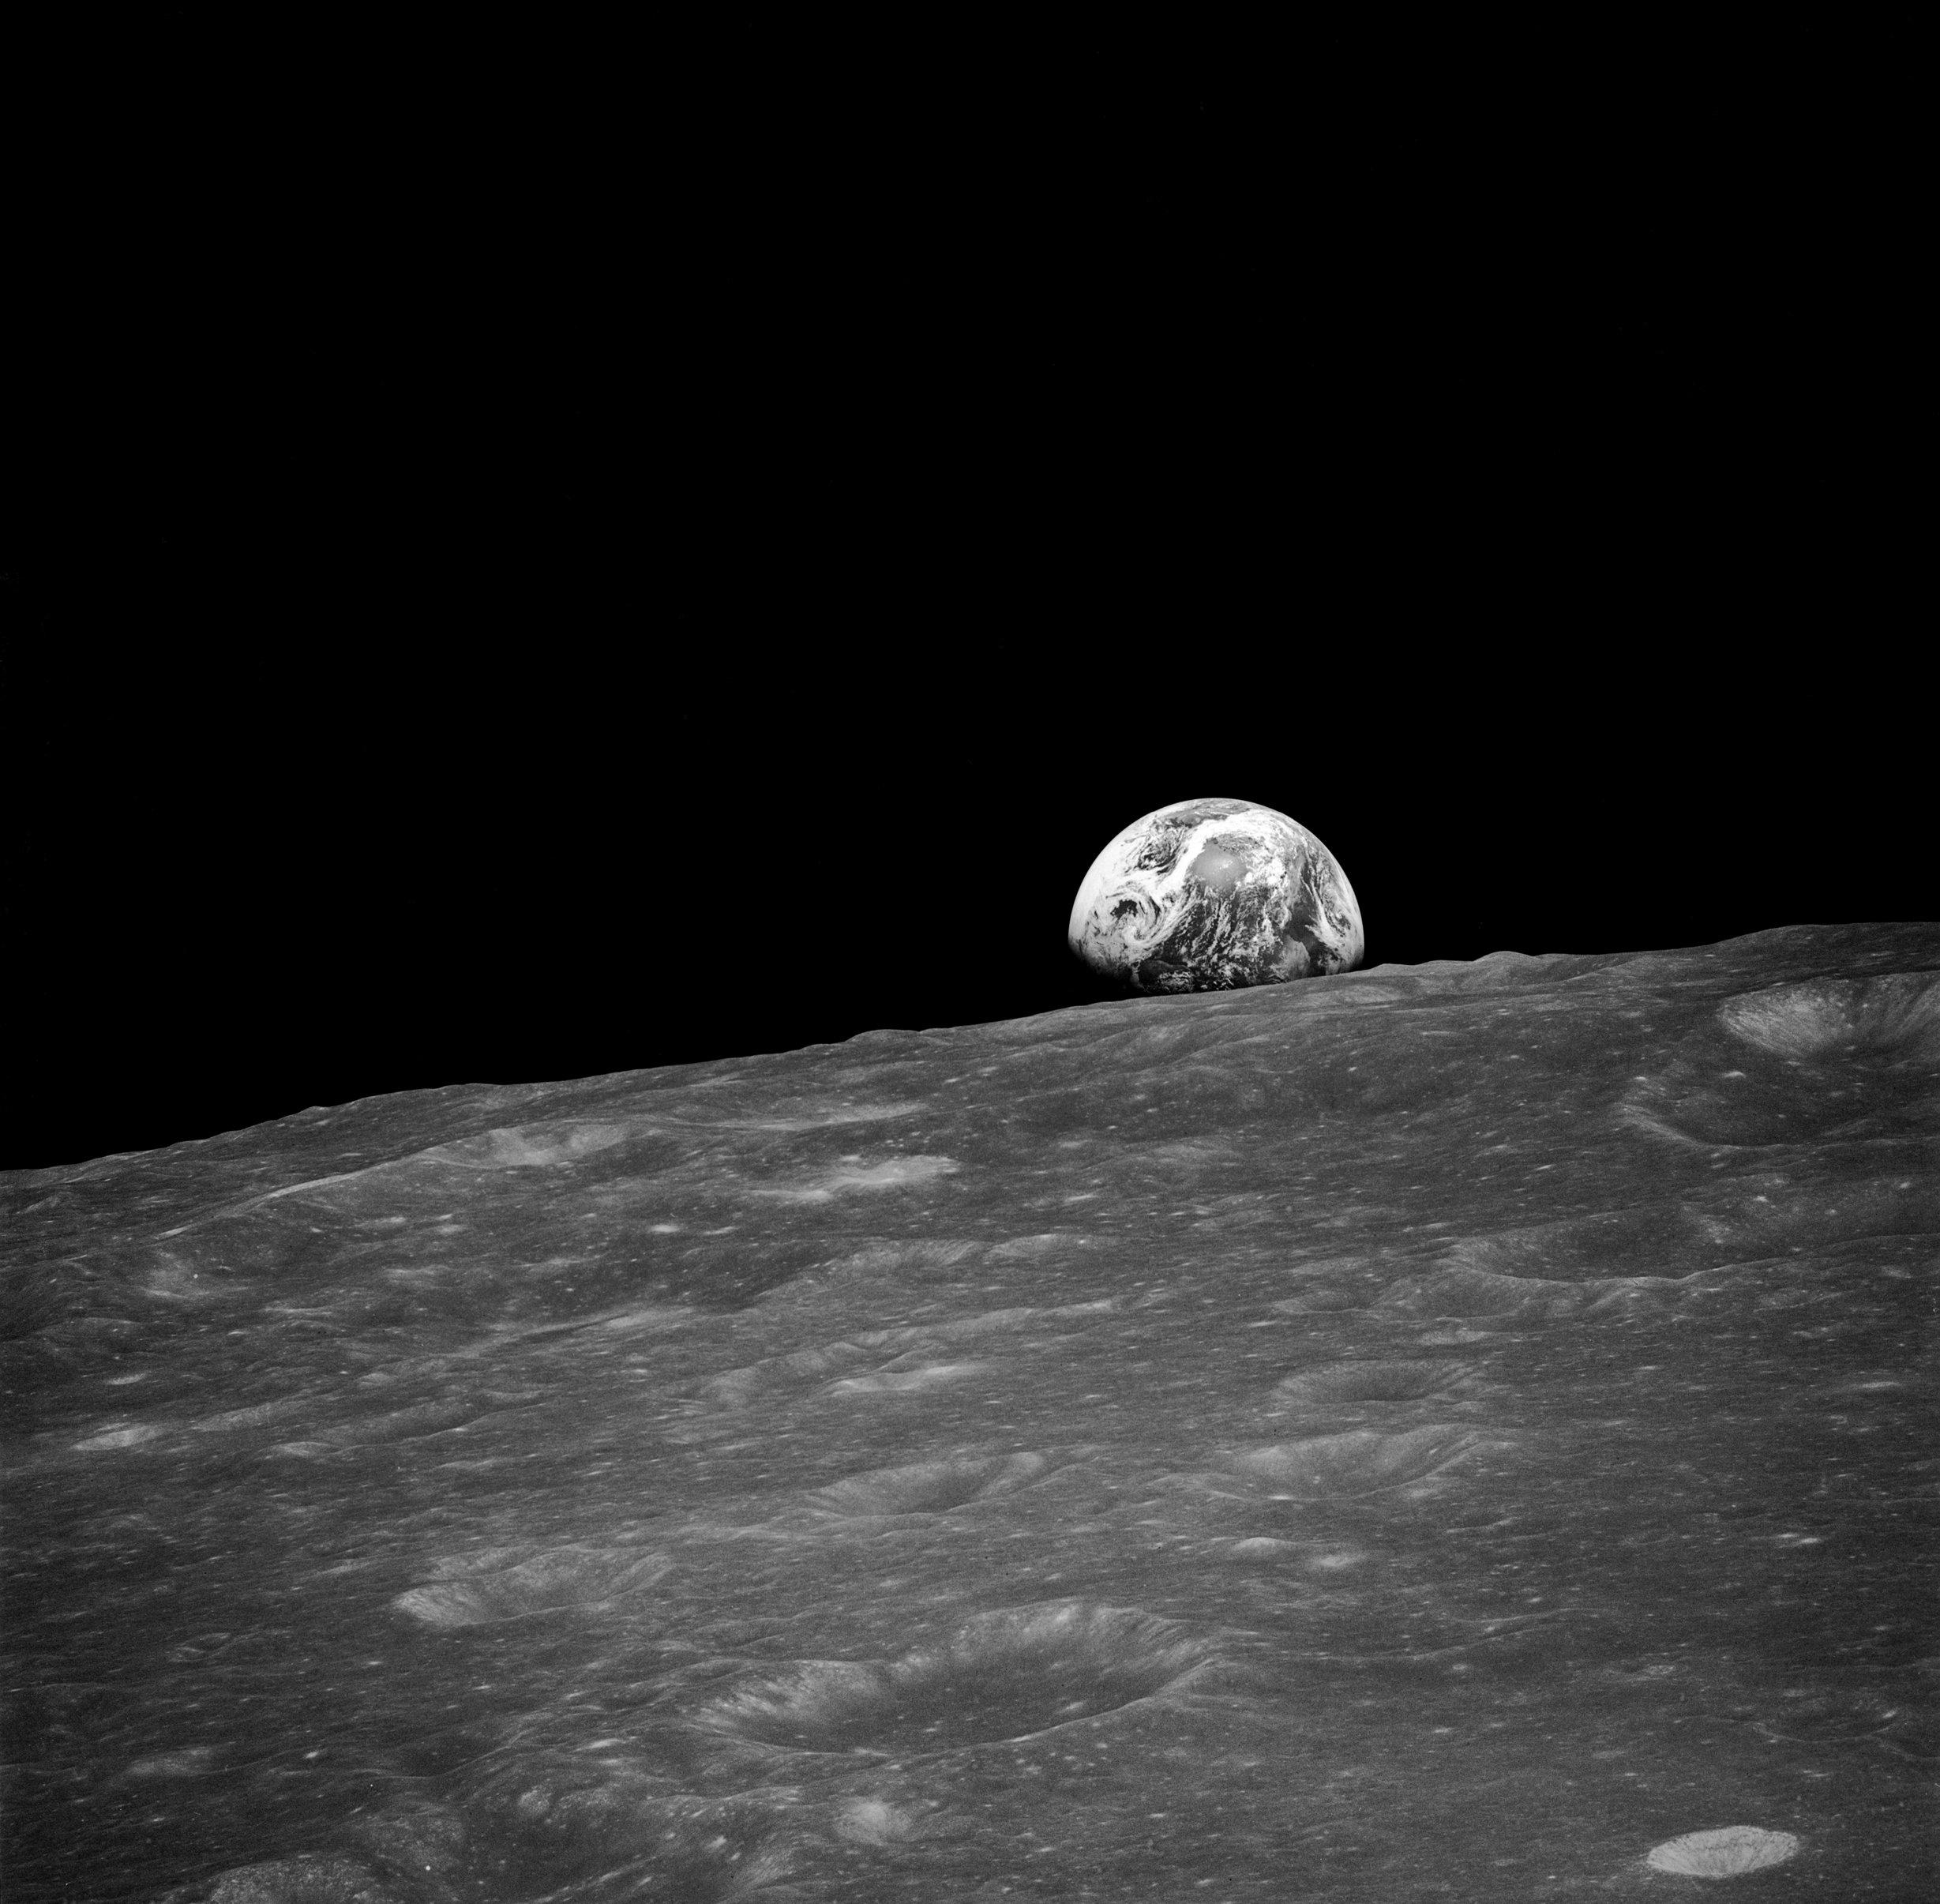 Zer ikusi zuten Apollo 13 misioko astronautek ilargiaren alde ikusezinetan?  Orain zeure burua ikus dezakezu